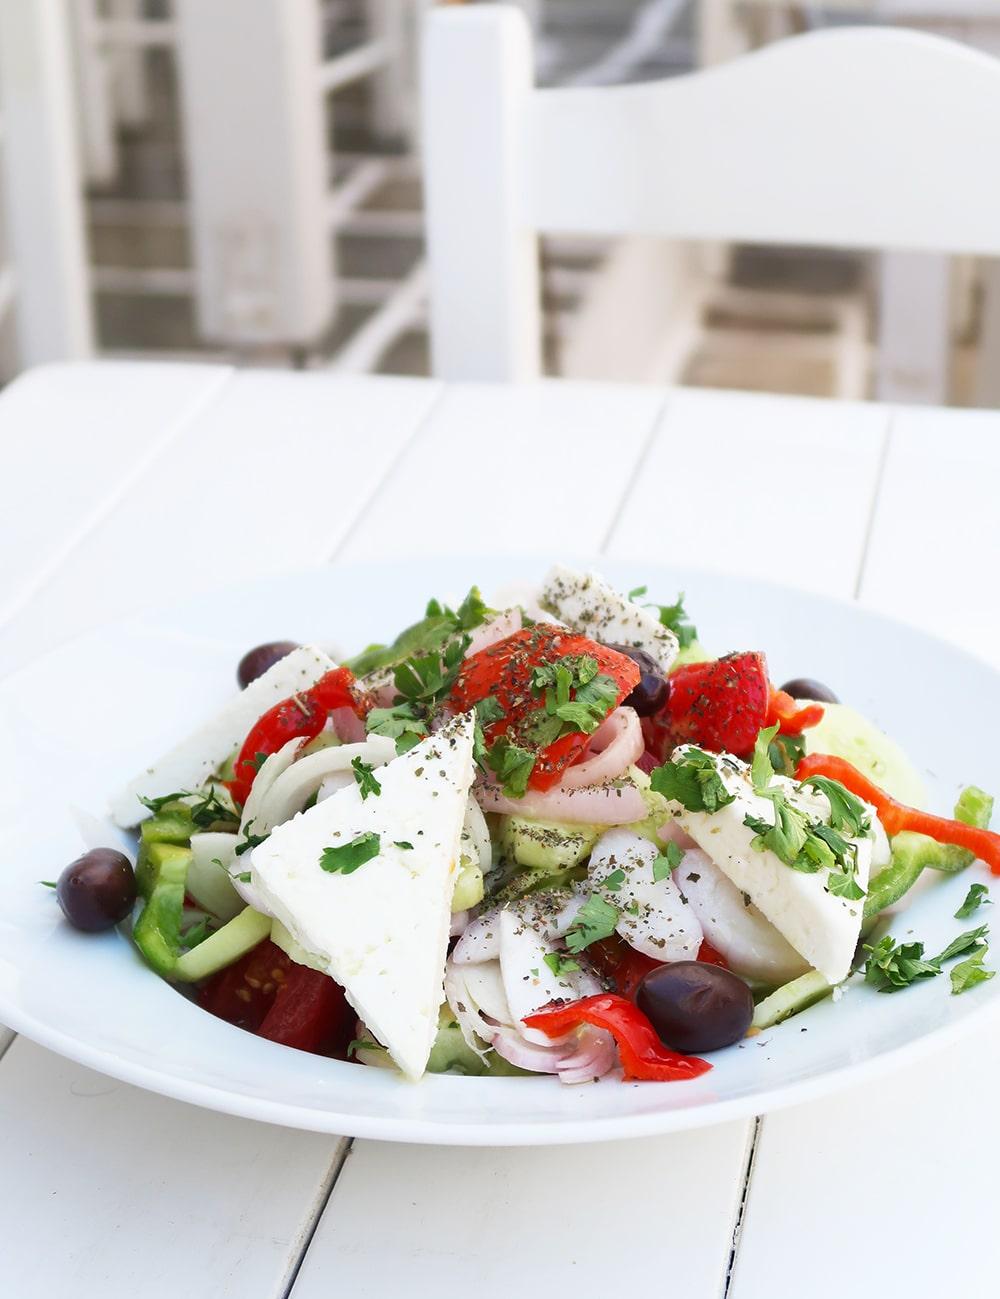 antiparros salade grecque grece